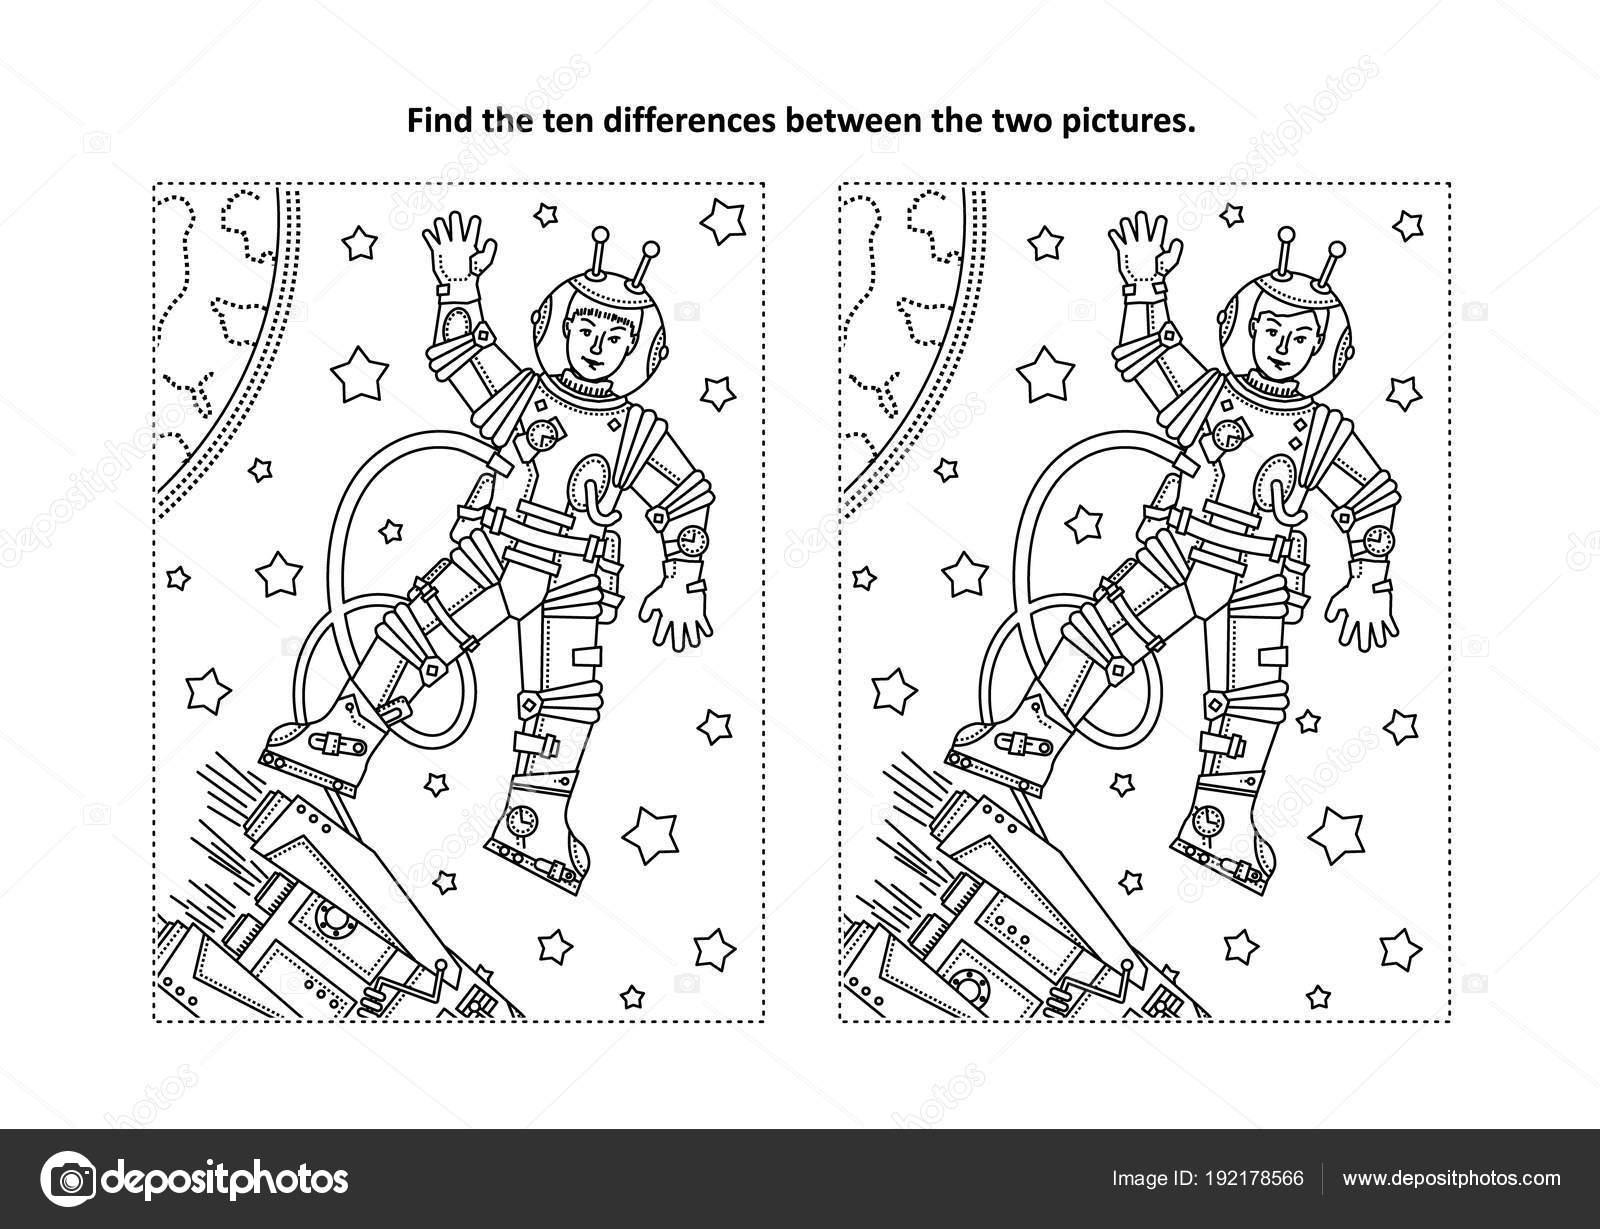 Uzay Araştırmaları Temalı Bulmak Farklılıklar Resimli